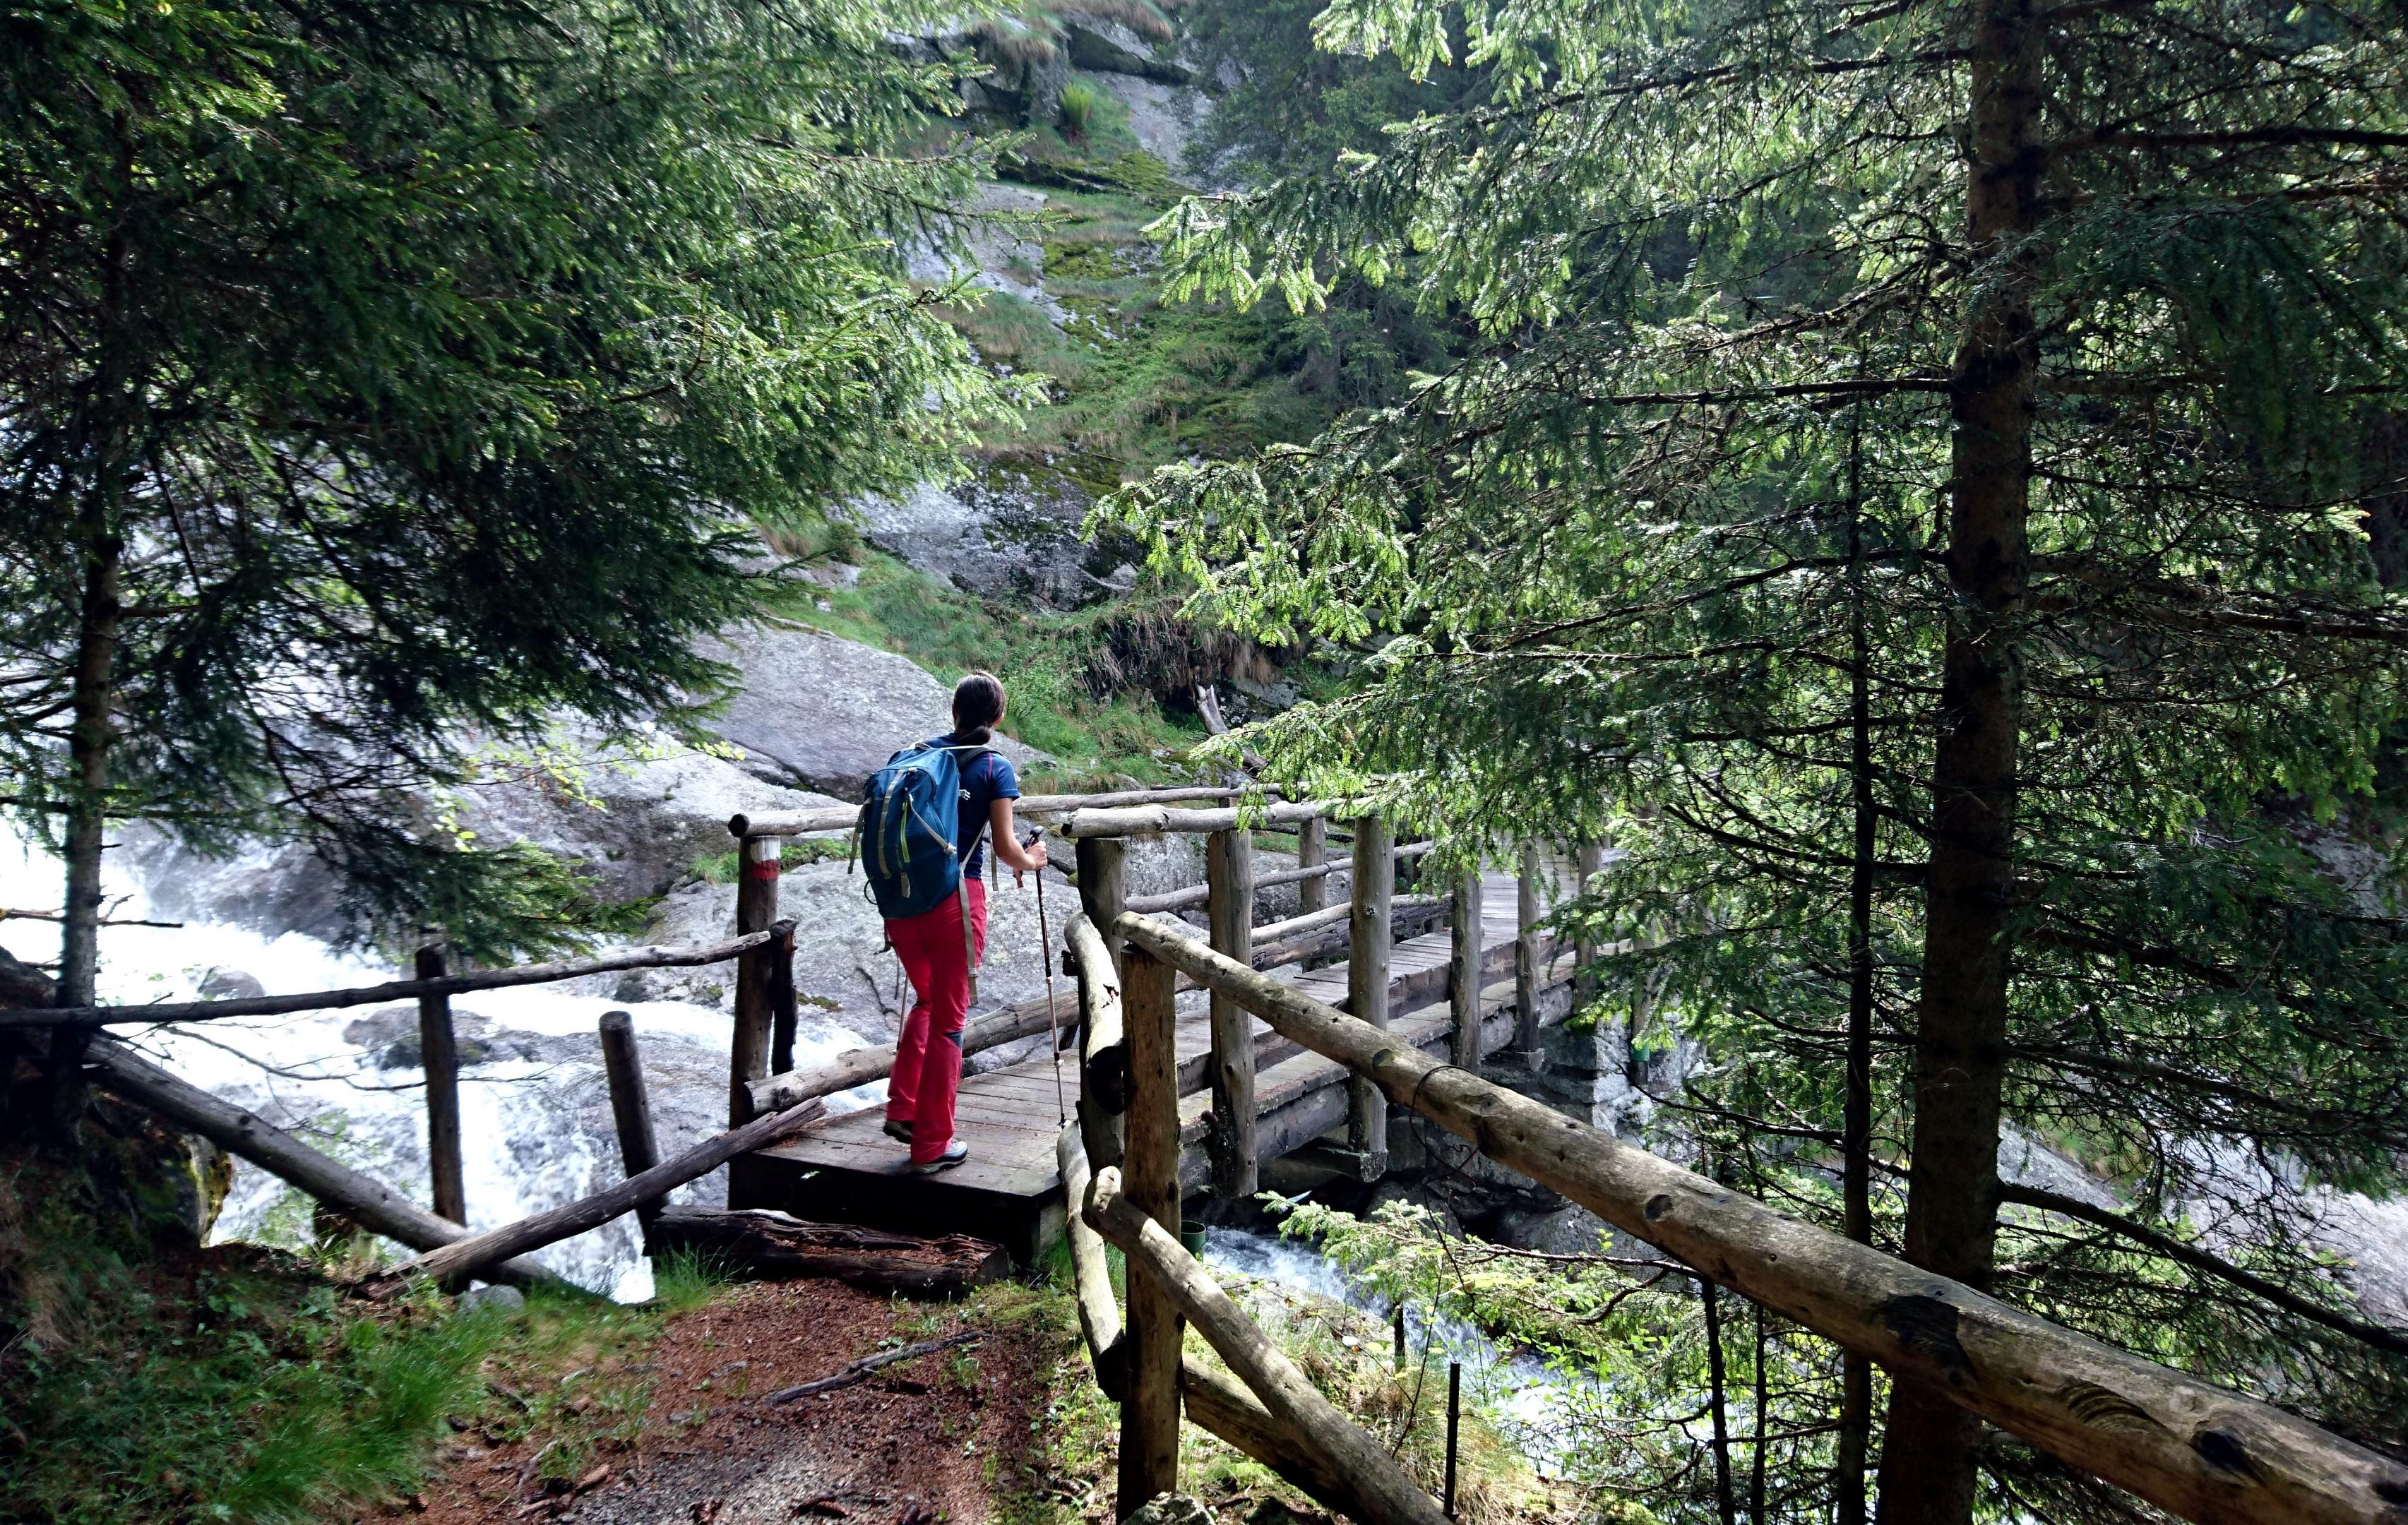 il ponticello che attraversa il torrente: metà bosco è alle spalle